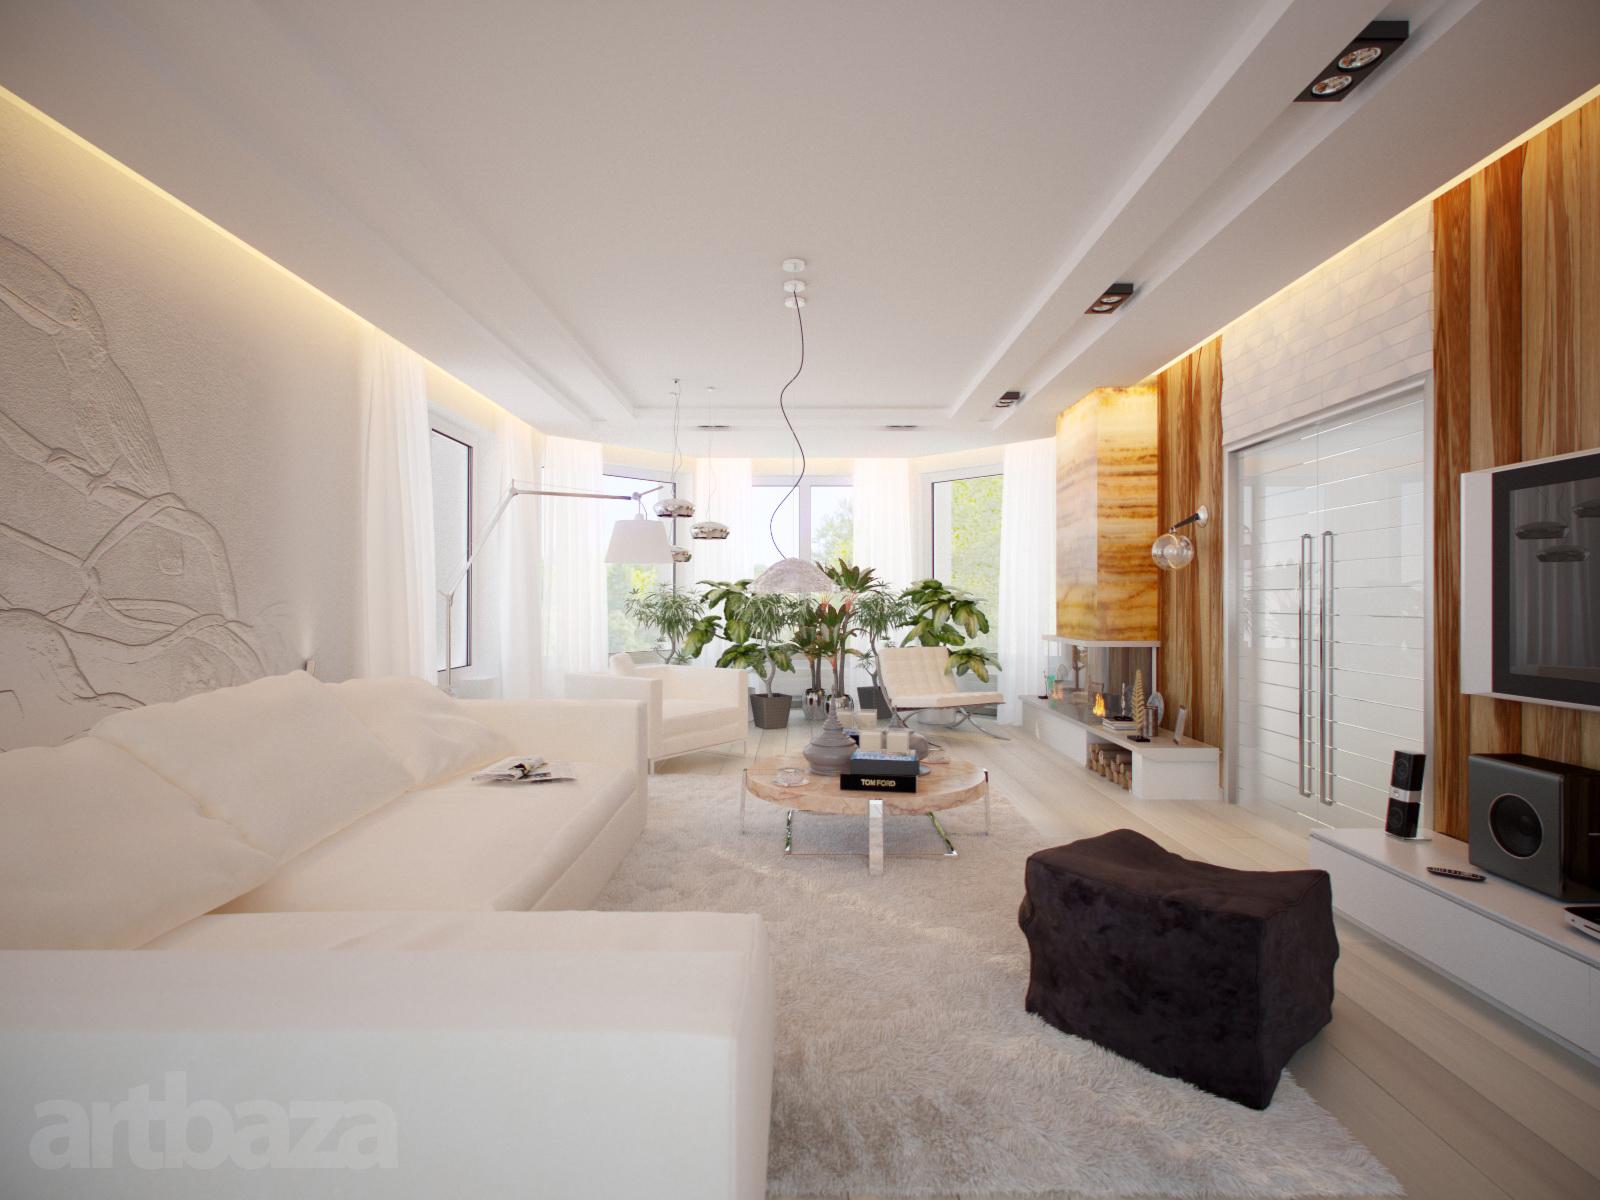 Просторная и светлая комната для гостей в стиле минимализм - отличный пример правильно подобранной меблировки.